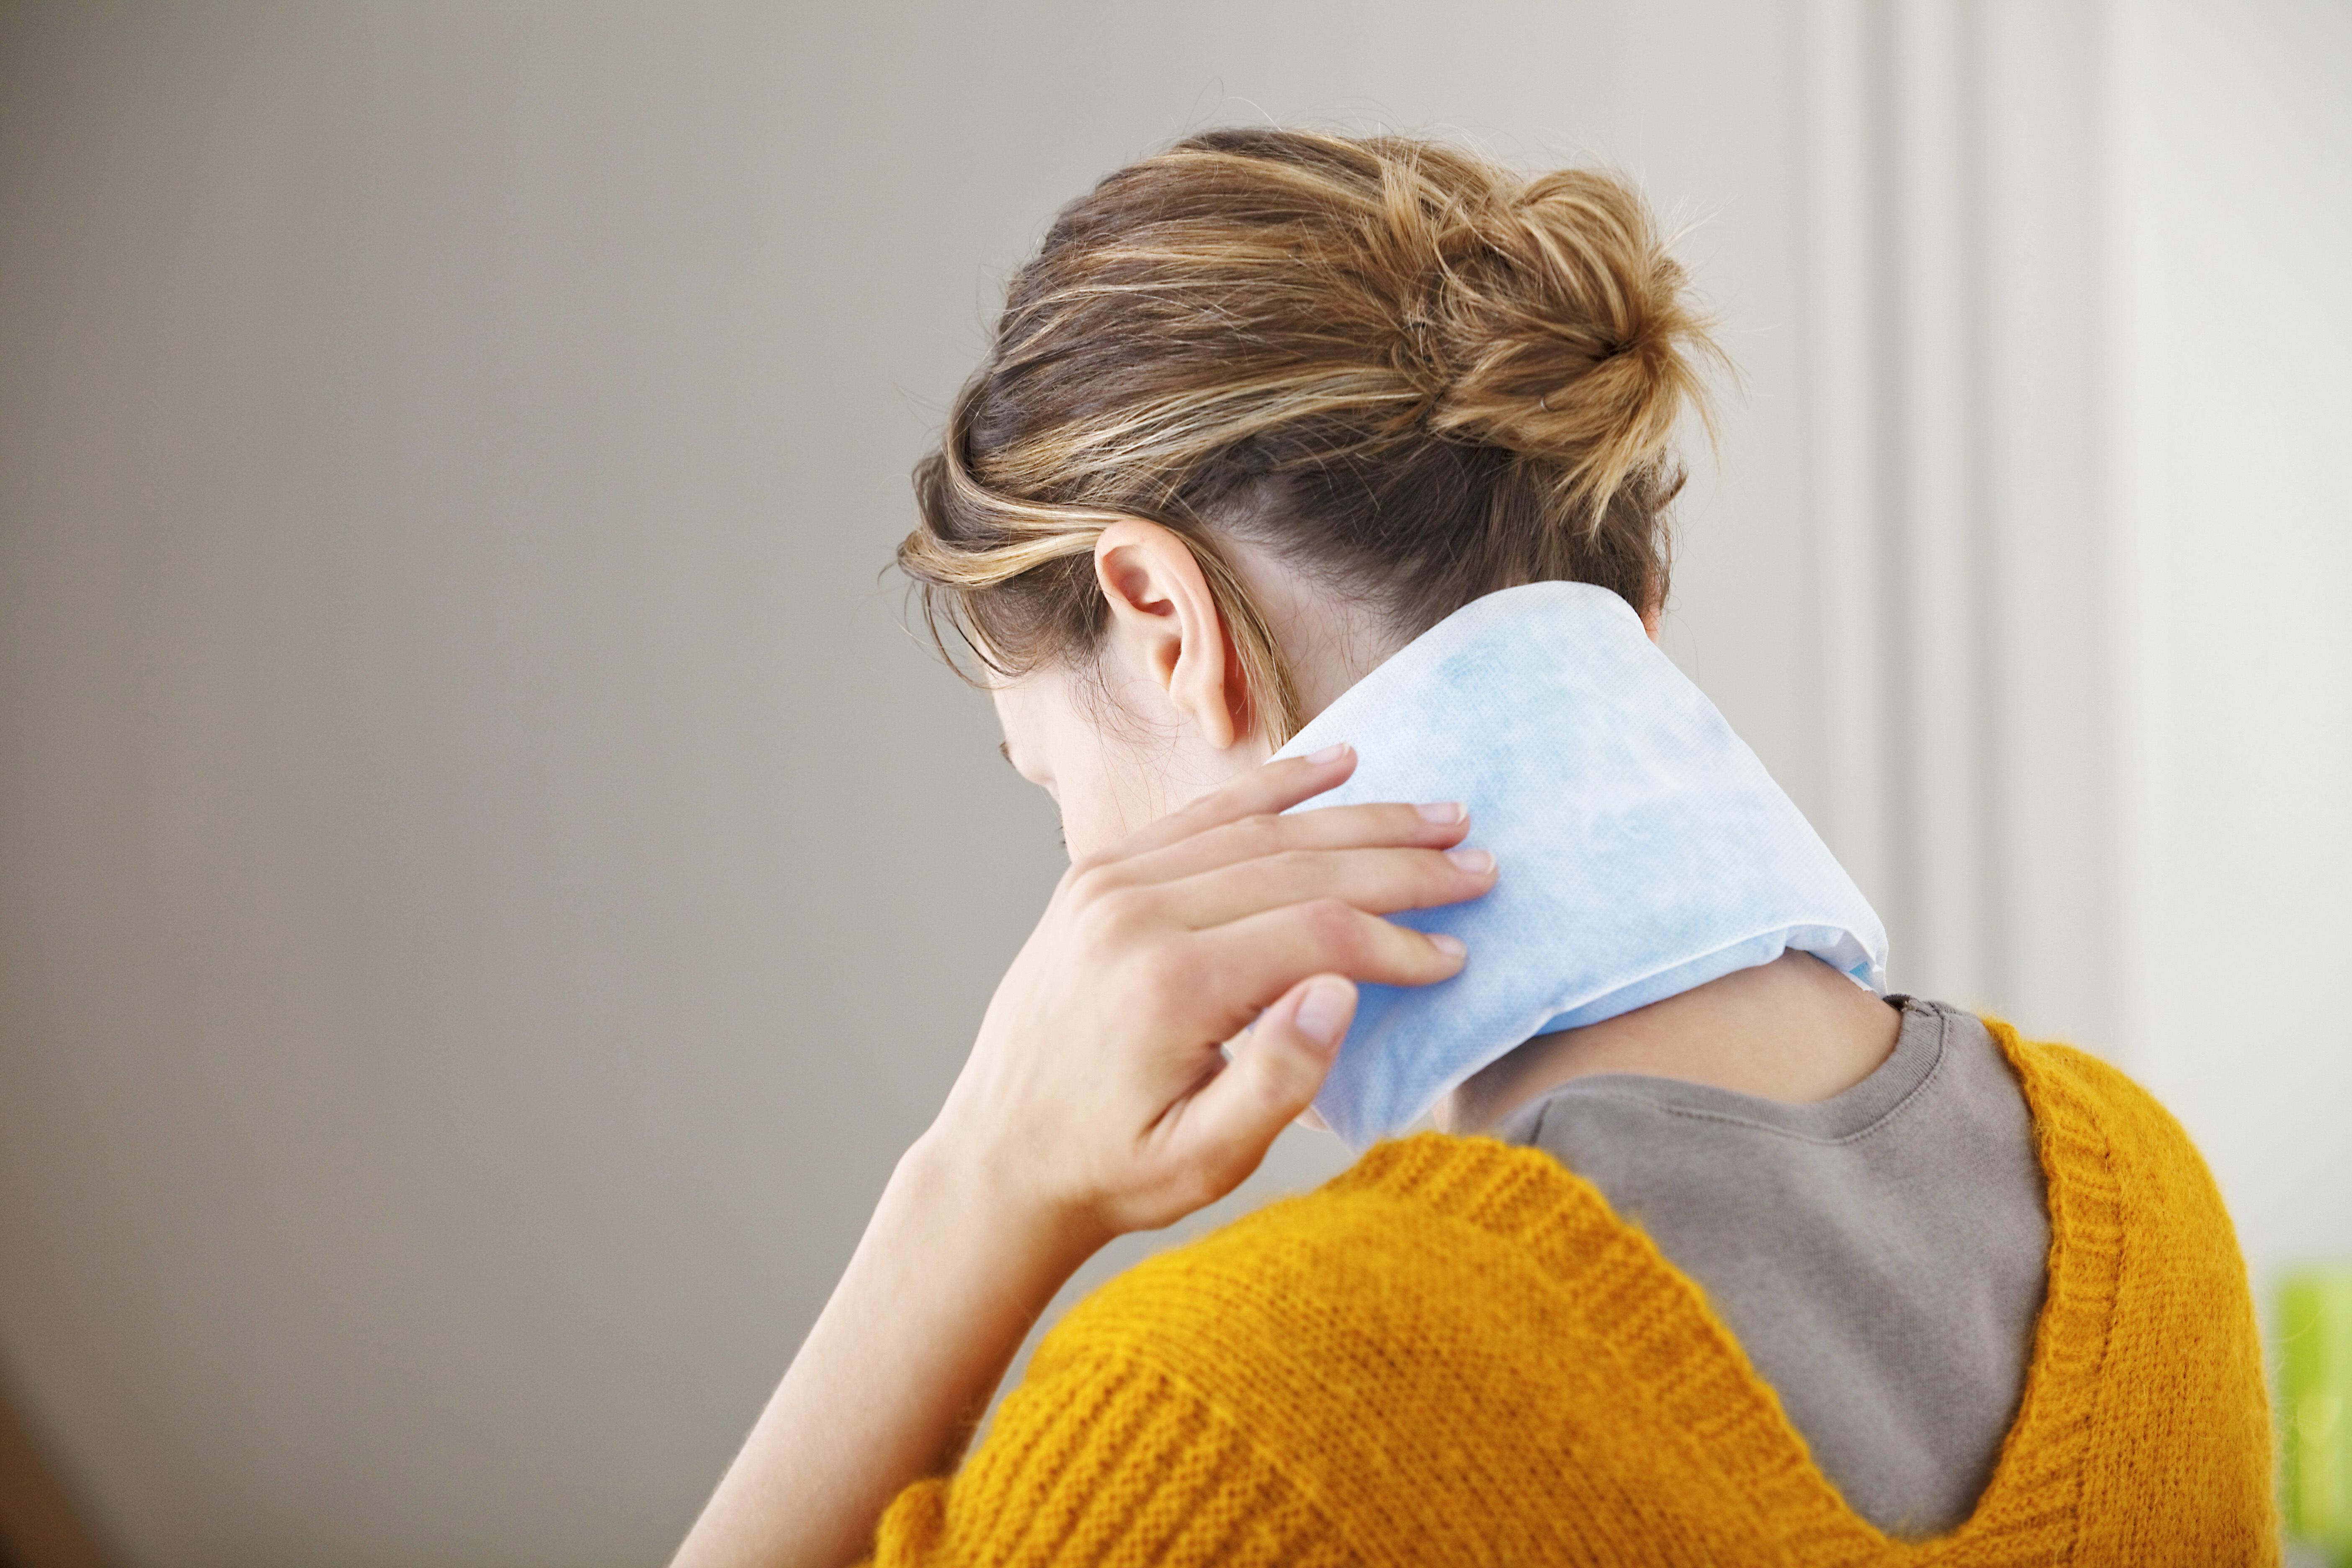 Kvinnor med långvarig nacksmärta har ofta begränsningar i nackens rörelseomfång.